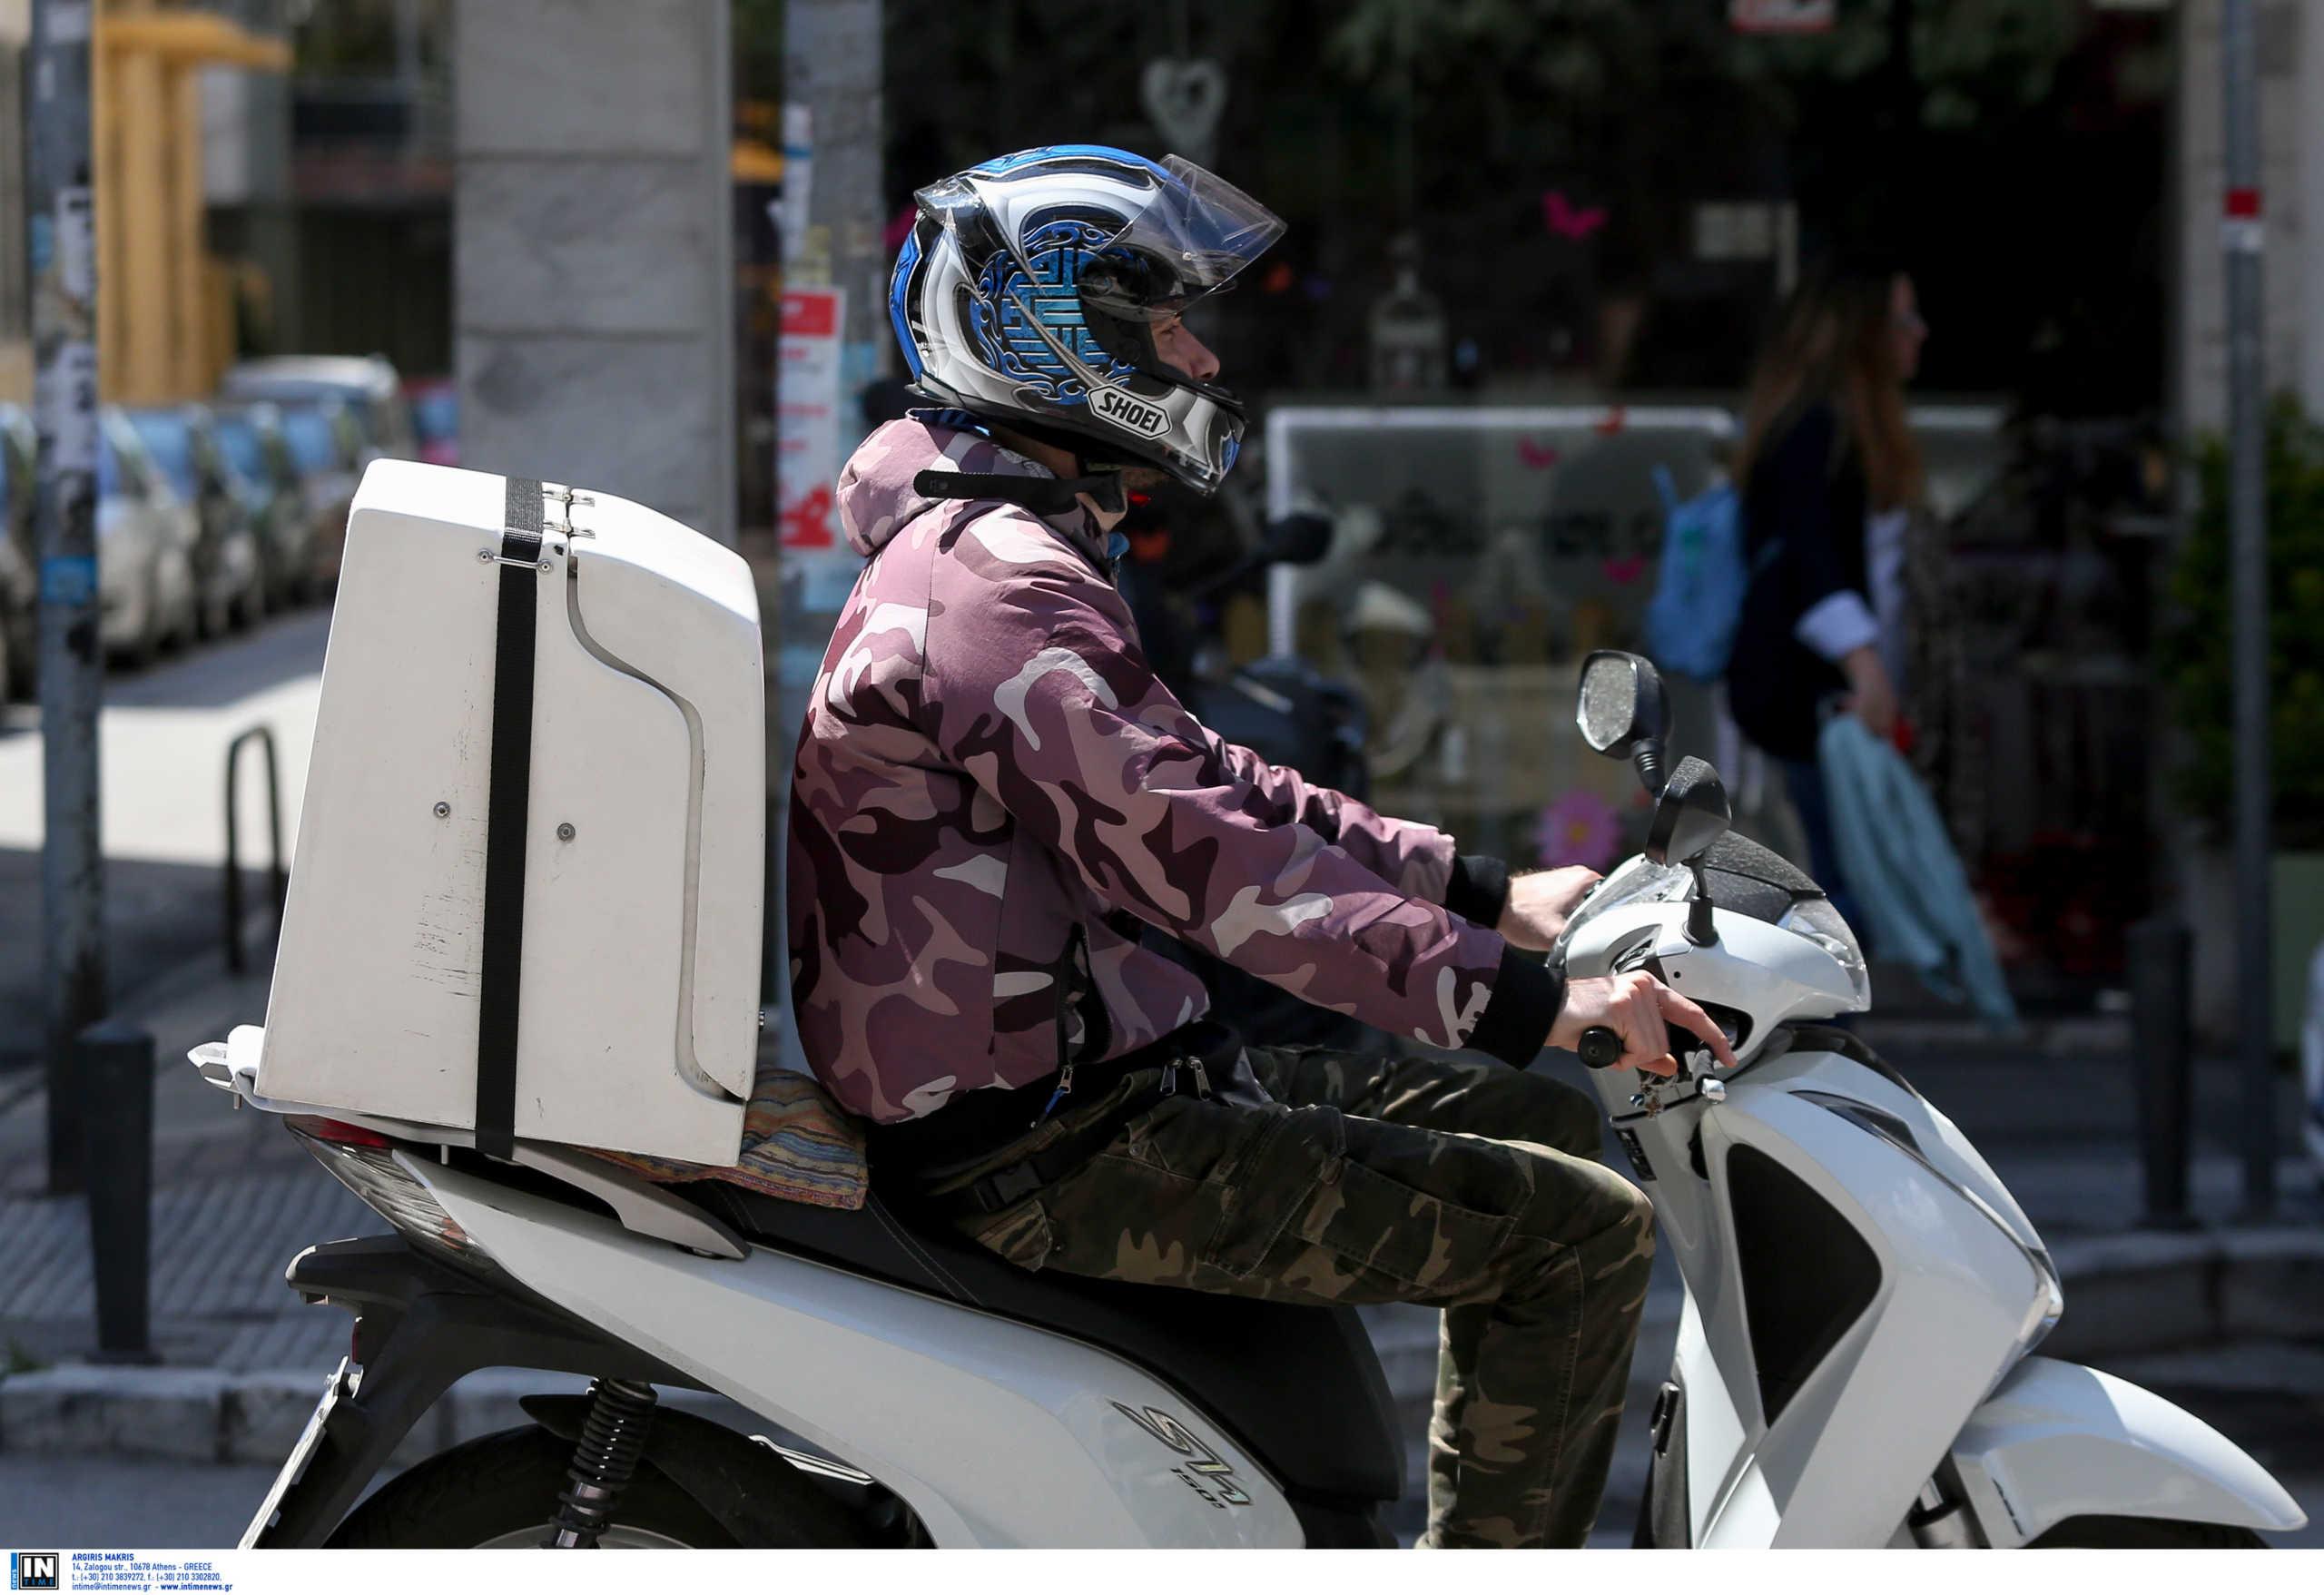 Θεσσαλονίκη – Κορονοϊός: «Βόμβα» για τις εταιρείες κούριερ – «Κρύβουν τα κρούσματα για να μην κλείσουν»